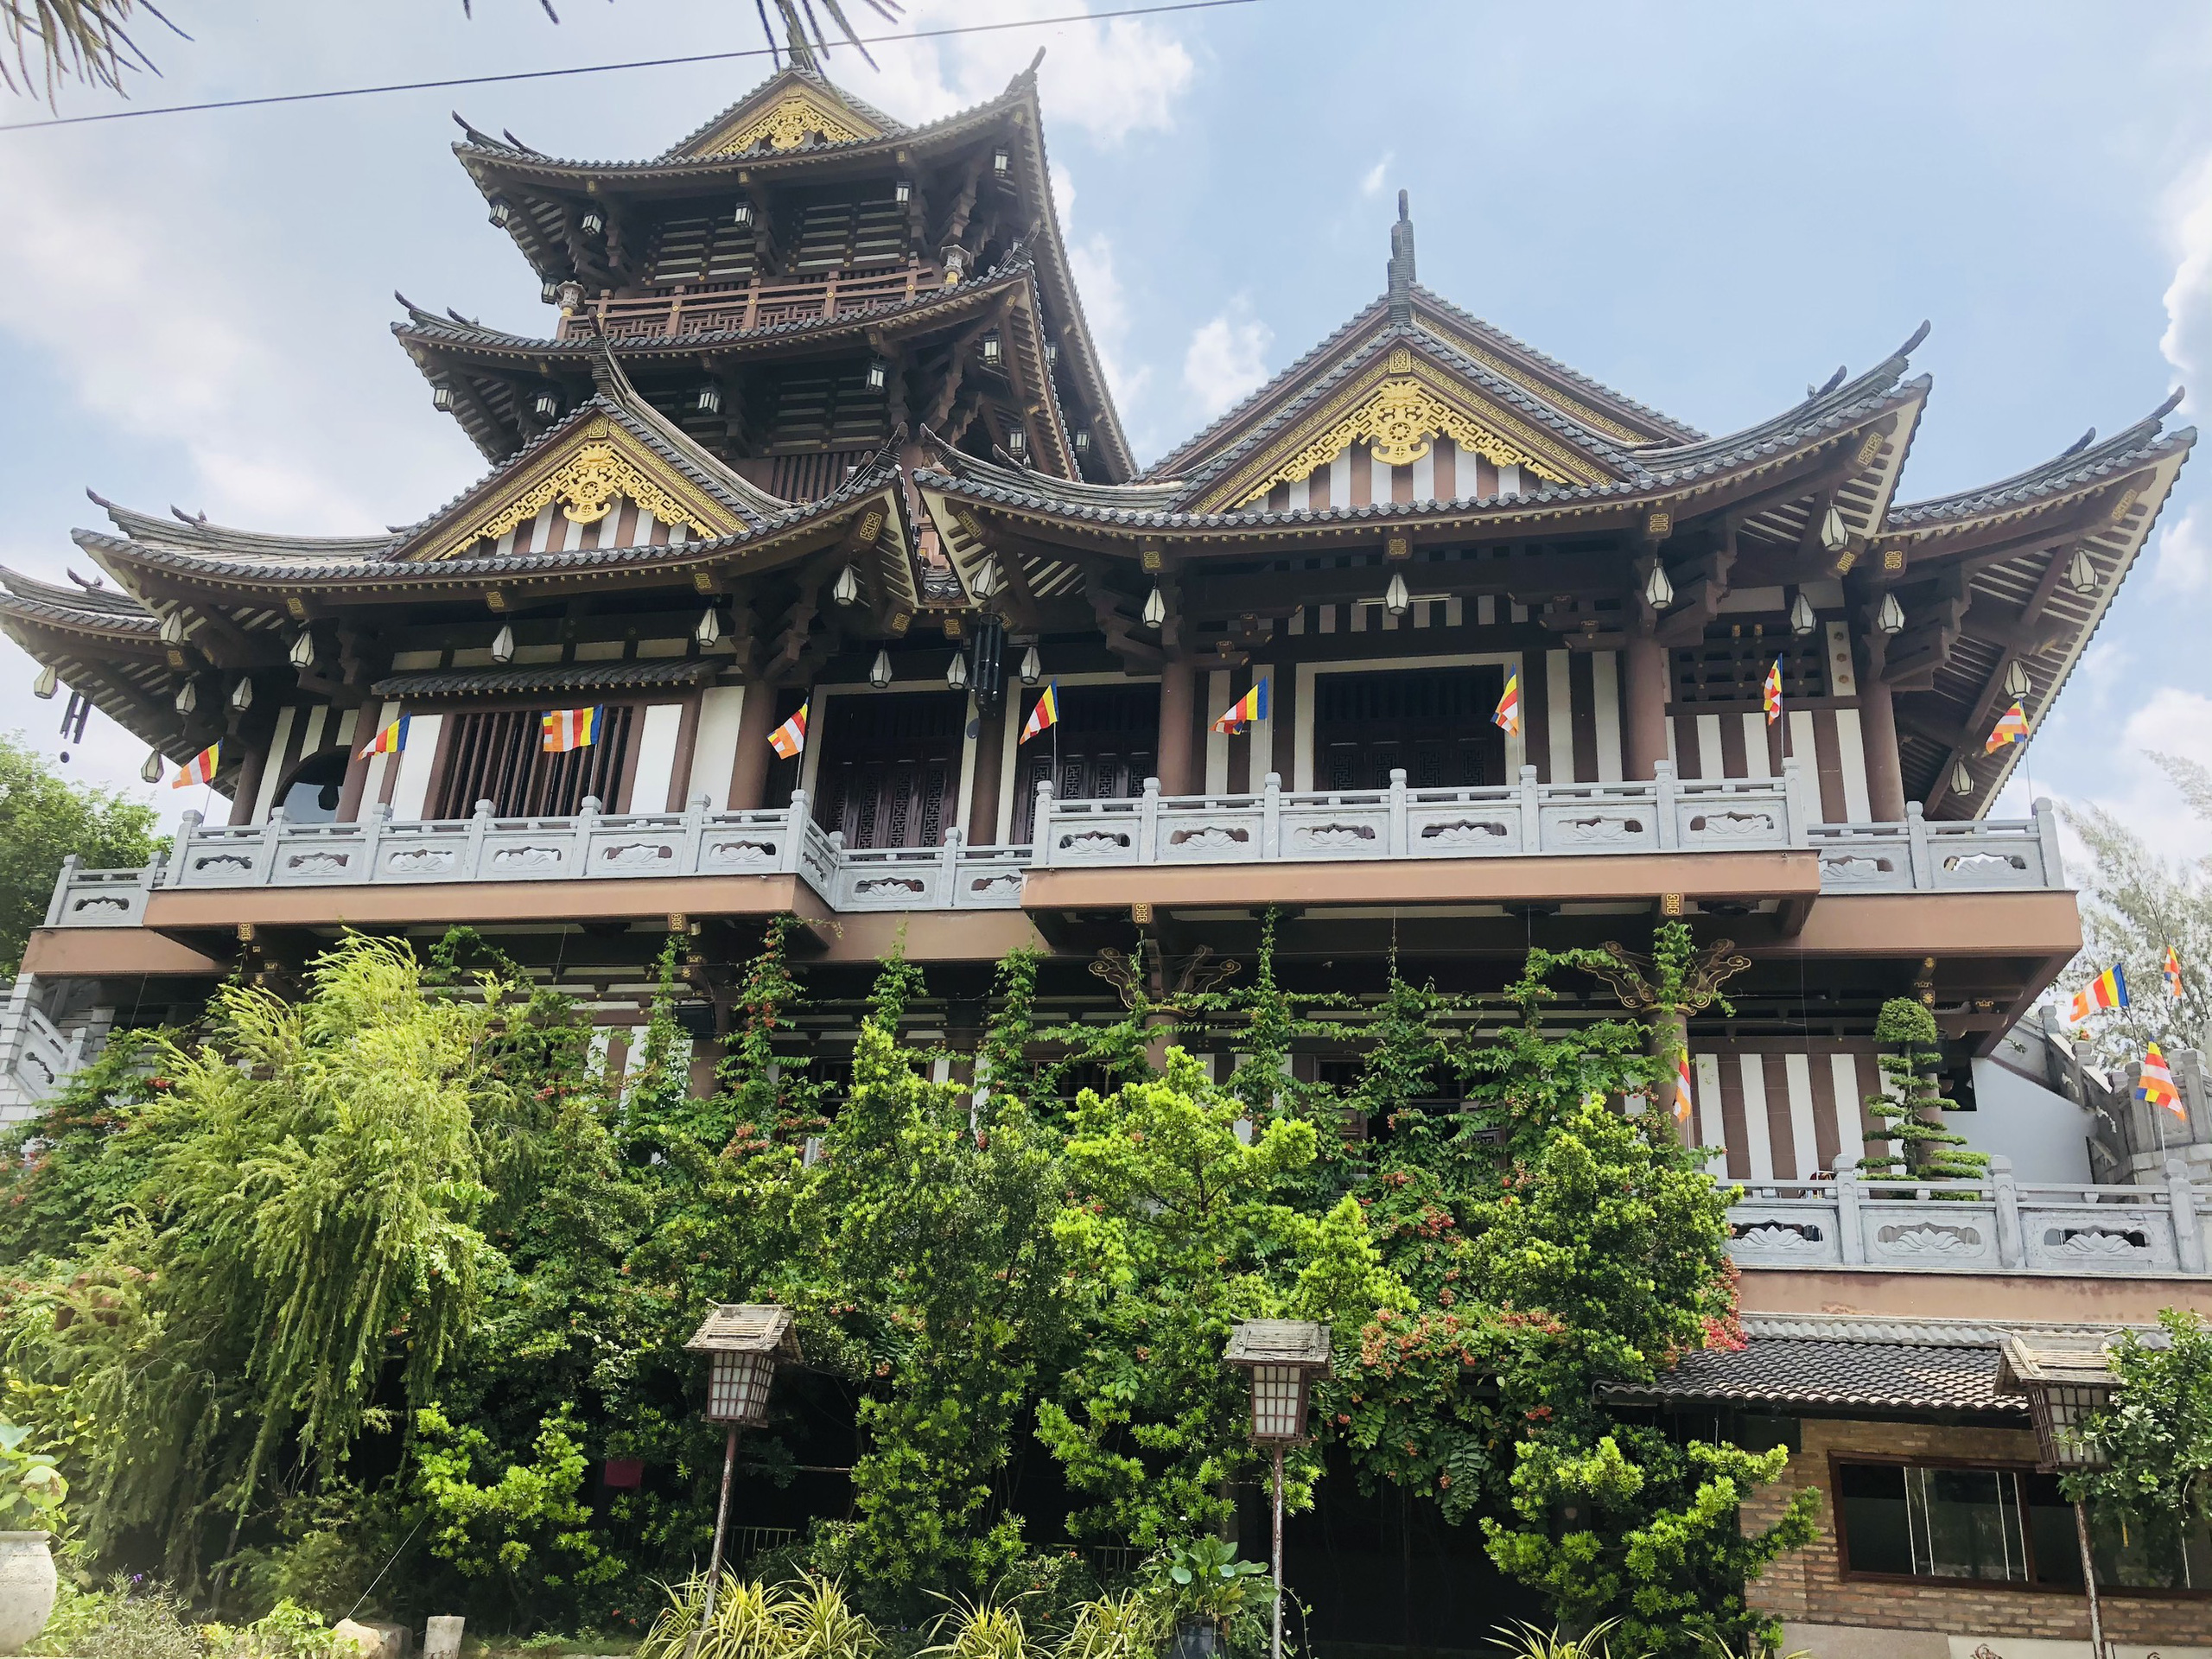 Tu viện Khánh An – dấu ấn lịch sử hào hùng của thành phố Hồ Chí Minh - Ảnh 9.